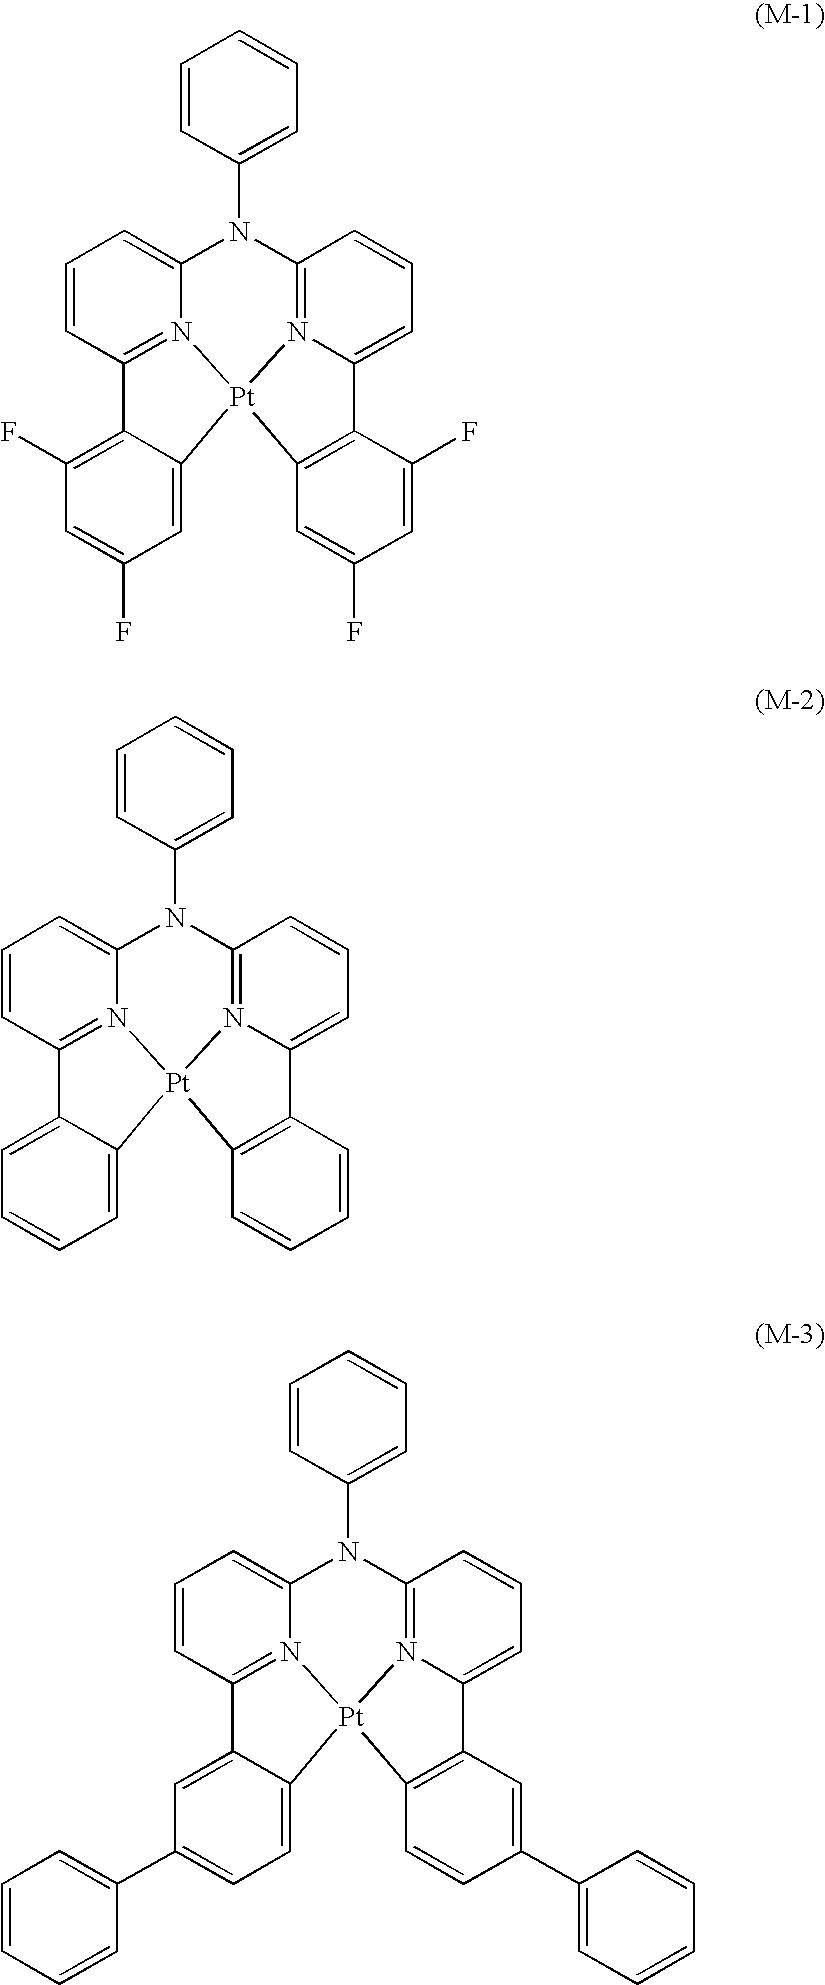 Figure US20090110957A1-20090430-C00030